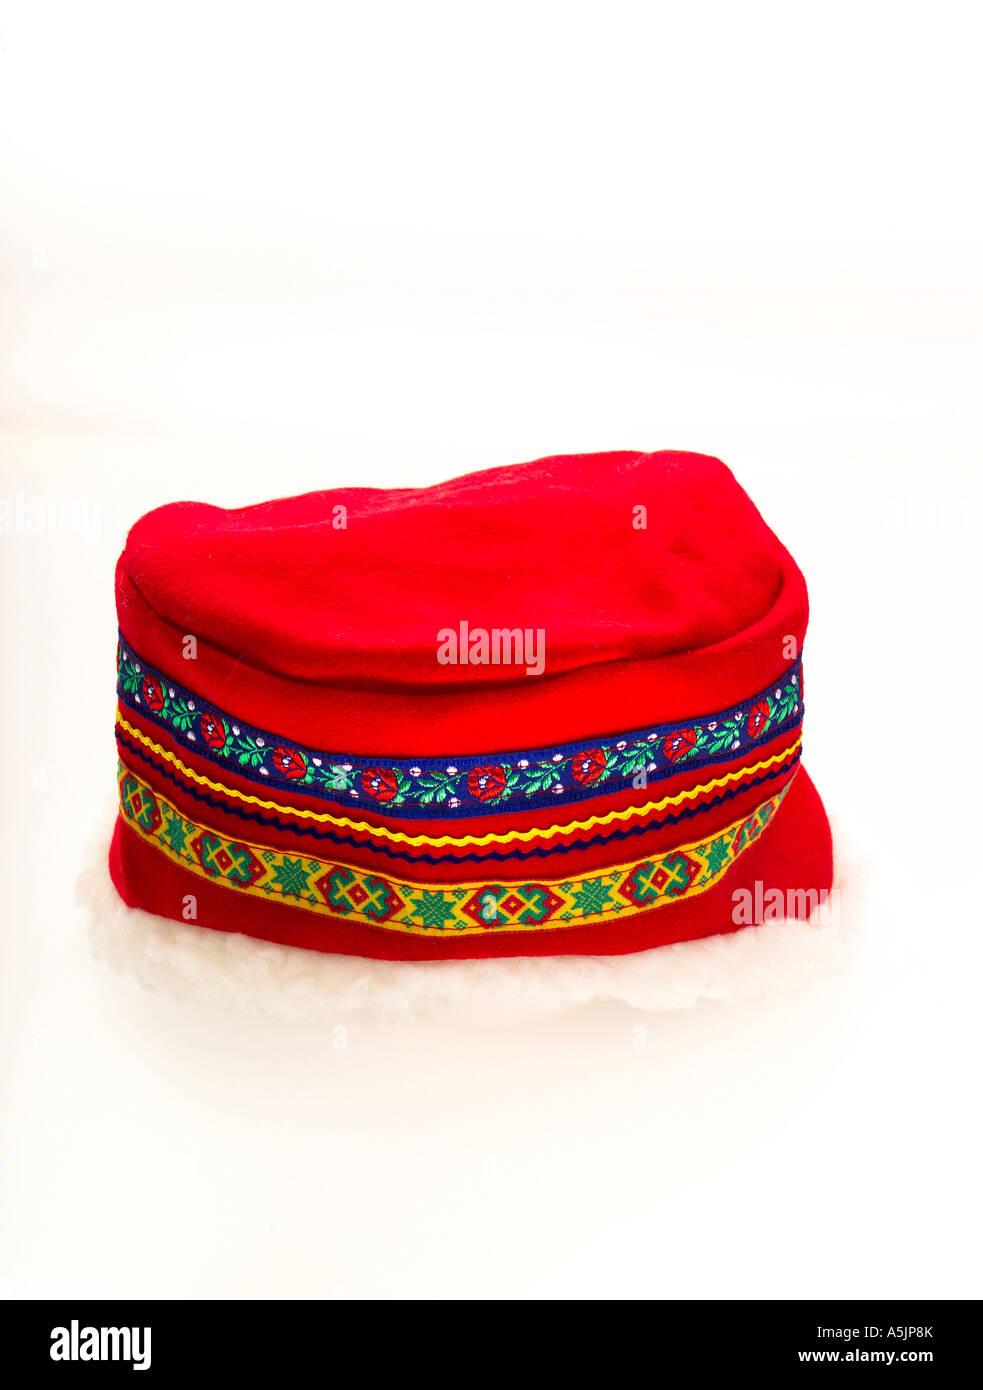 Sami tradizionali hat dal nord della Svezia Immagini Stock